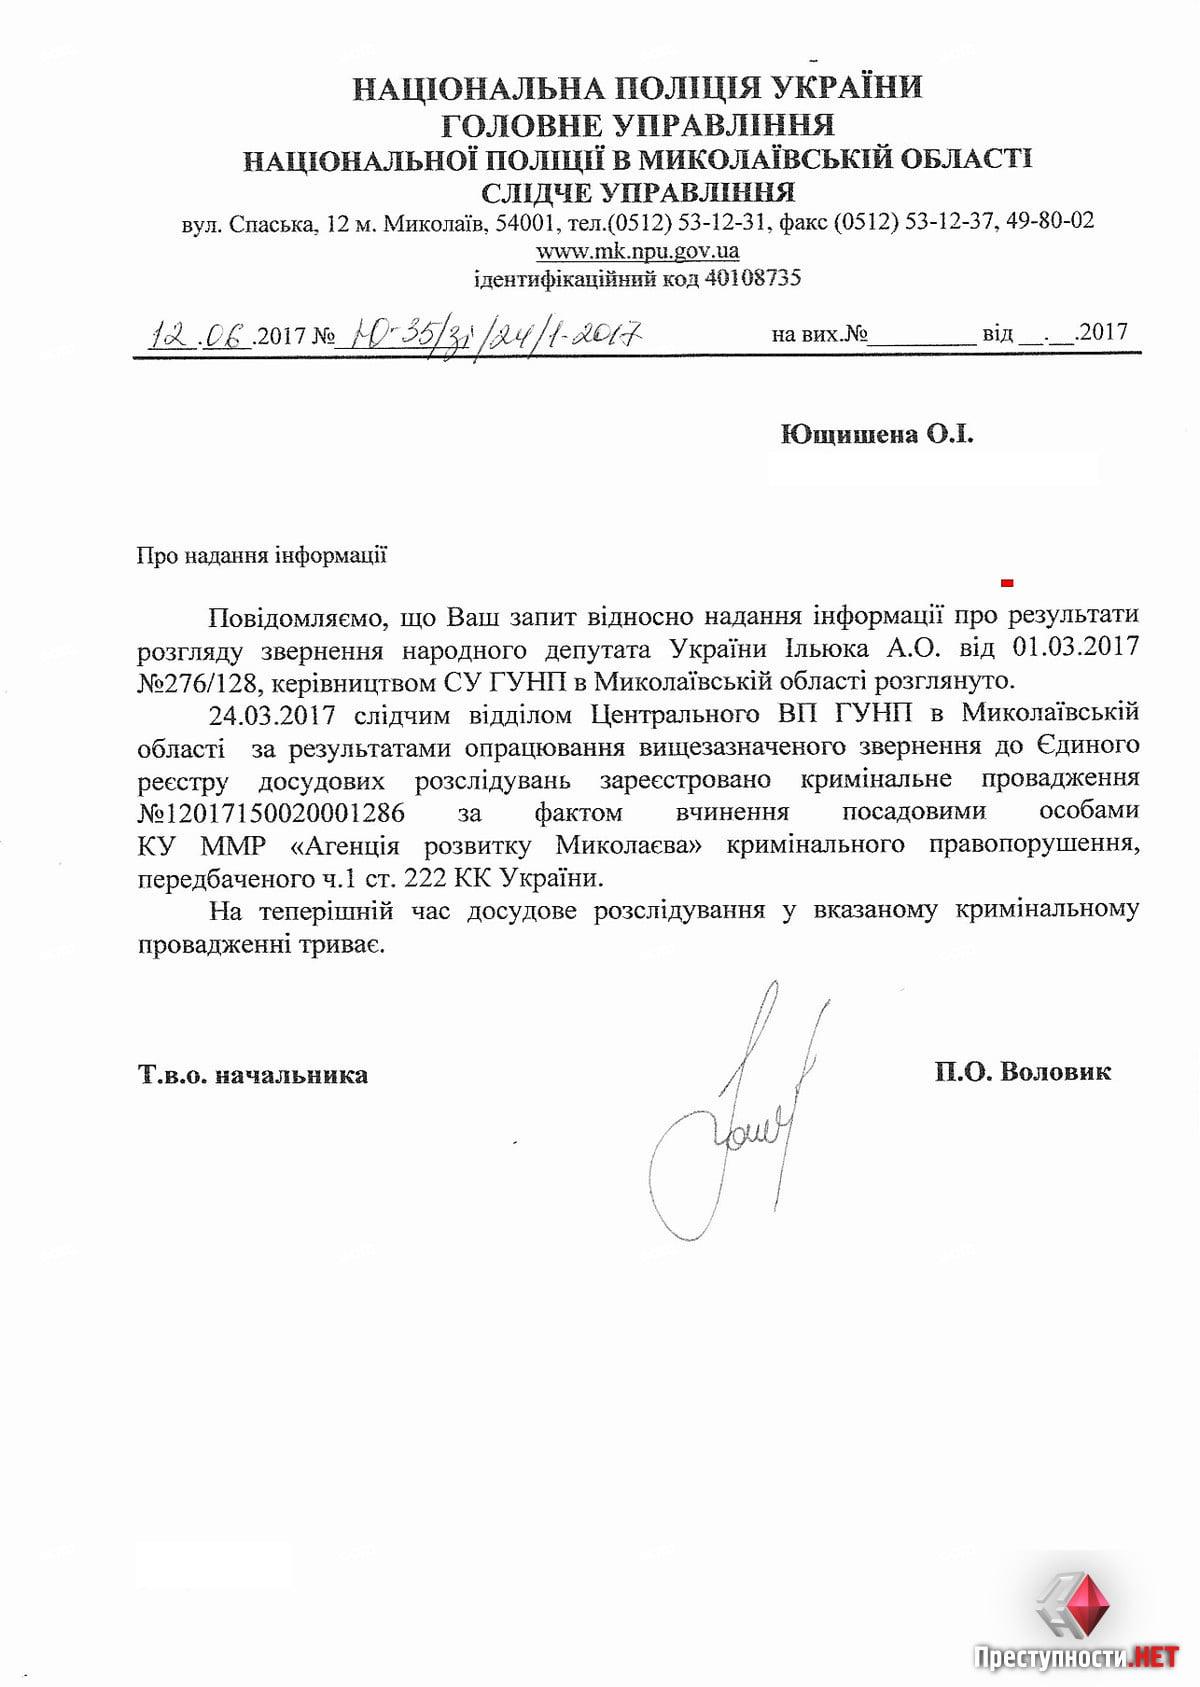 Полиция расследует мошенничество должностными лицами «Агентства развития Николаева»   Корабелов.ИНФО image 2